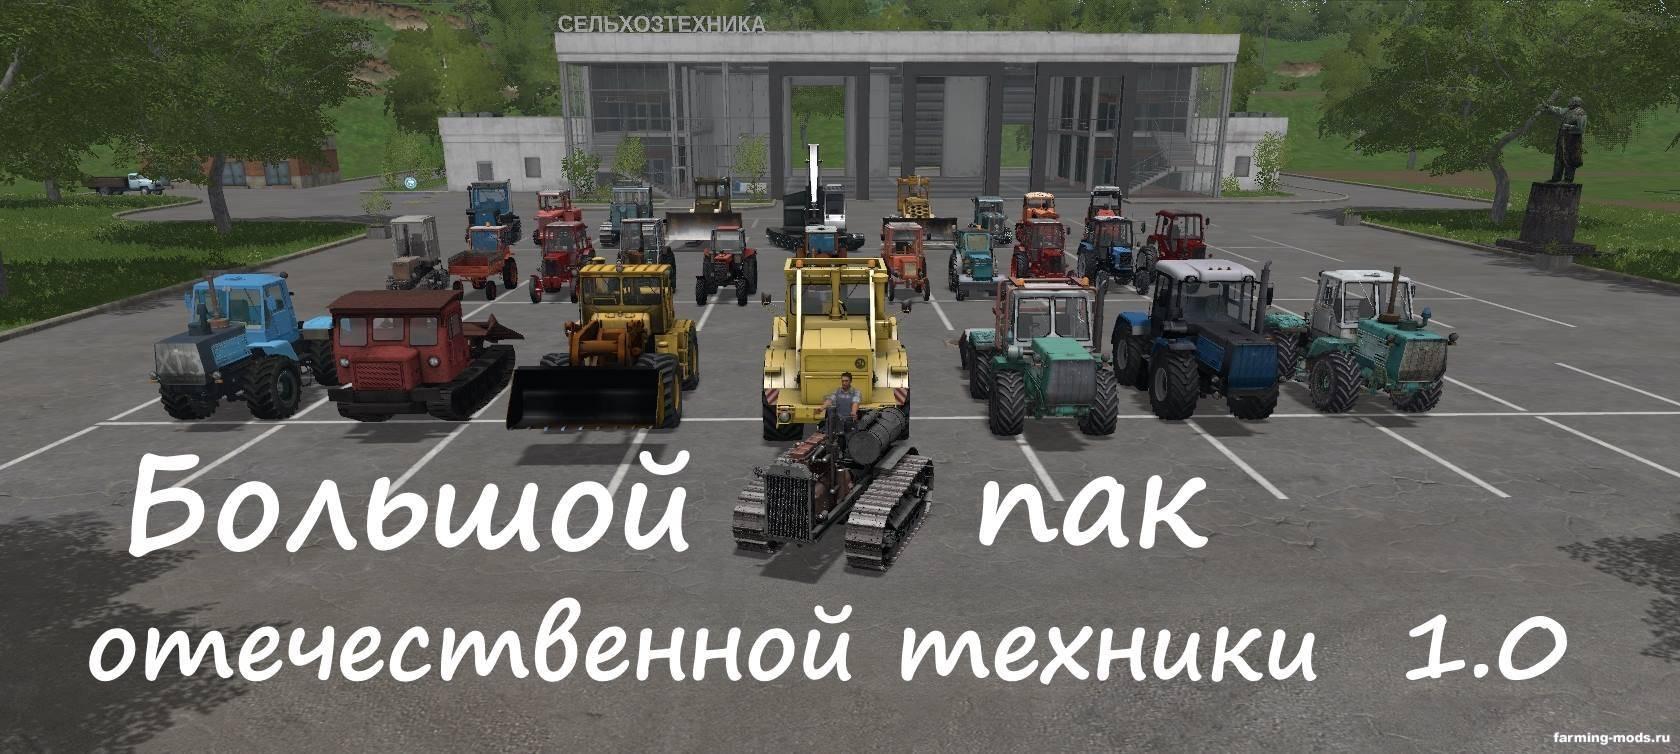 Мод пак советской техники для farming / landwirtschafts simulator 2013.